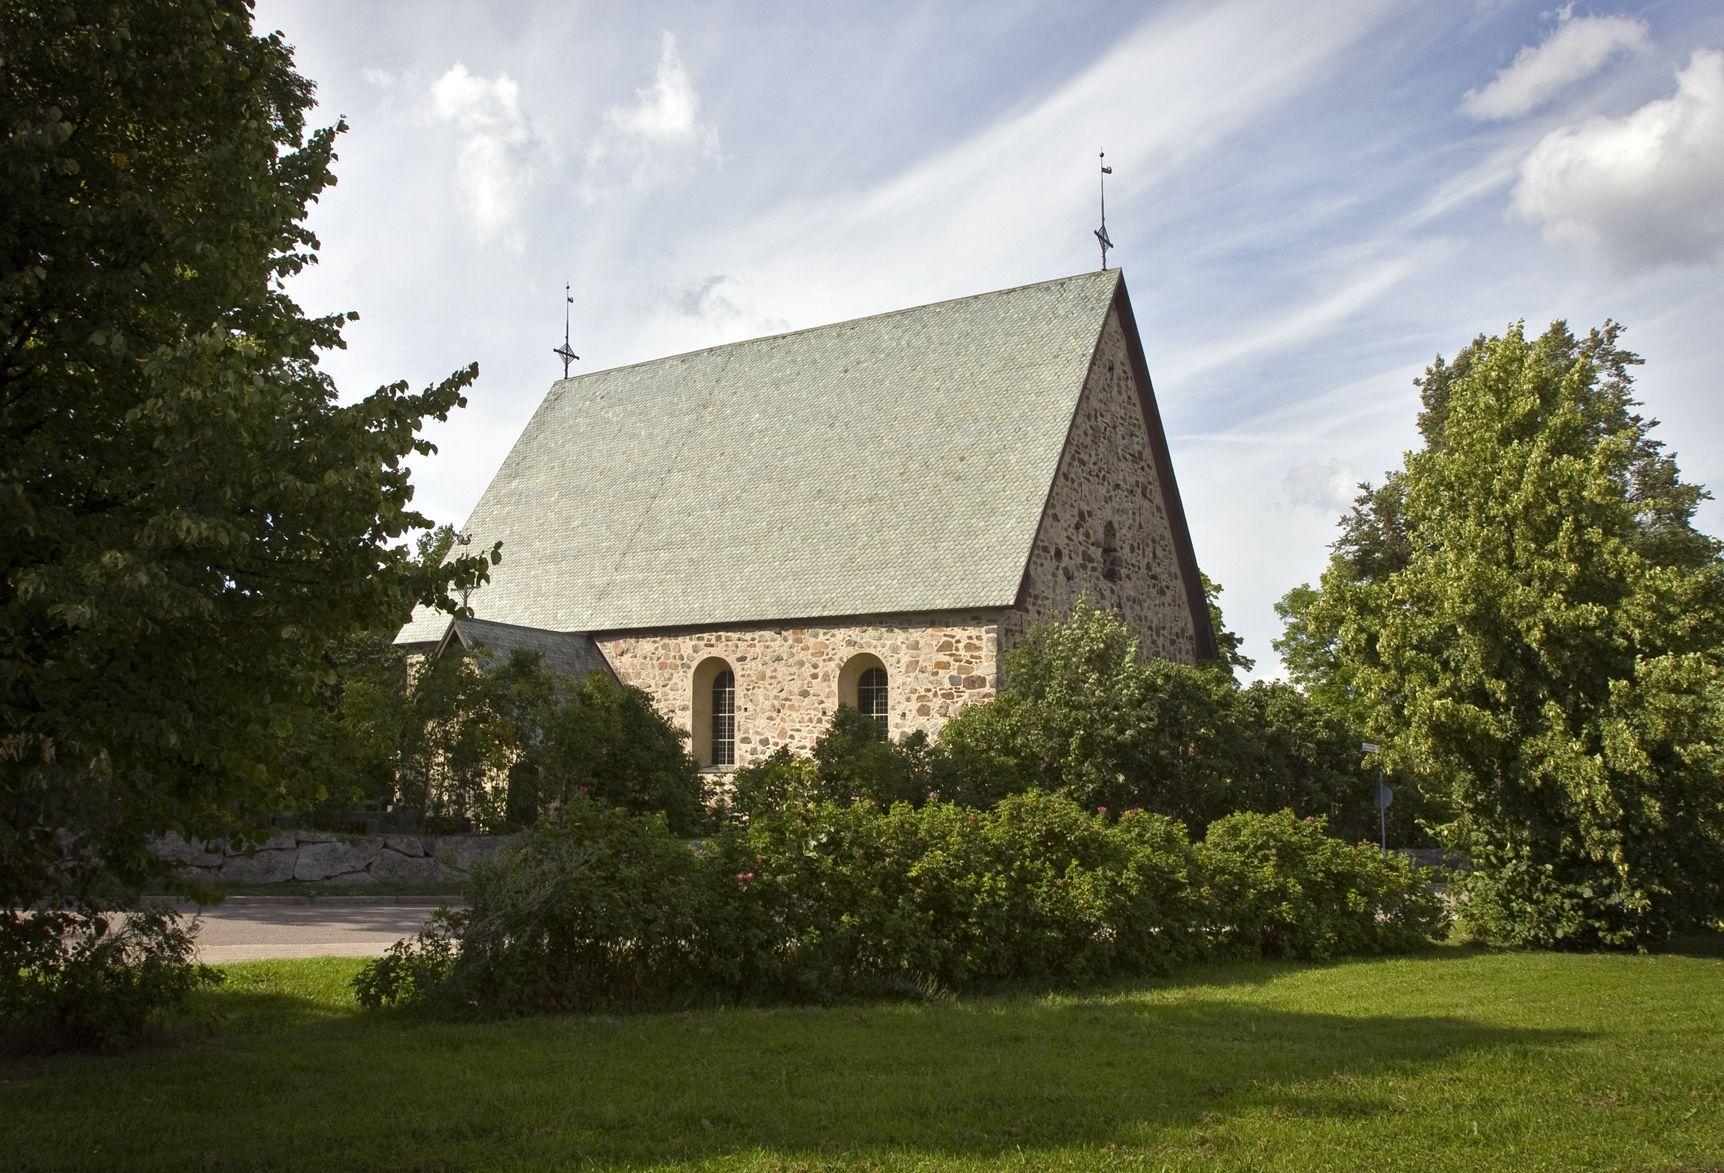 Pyhän Katariinan kirkko. Turun ja Kaarinan seurakuntayhtymä. takakansi_mg_3560_300.jpg : 1792Kb